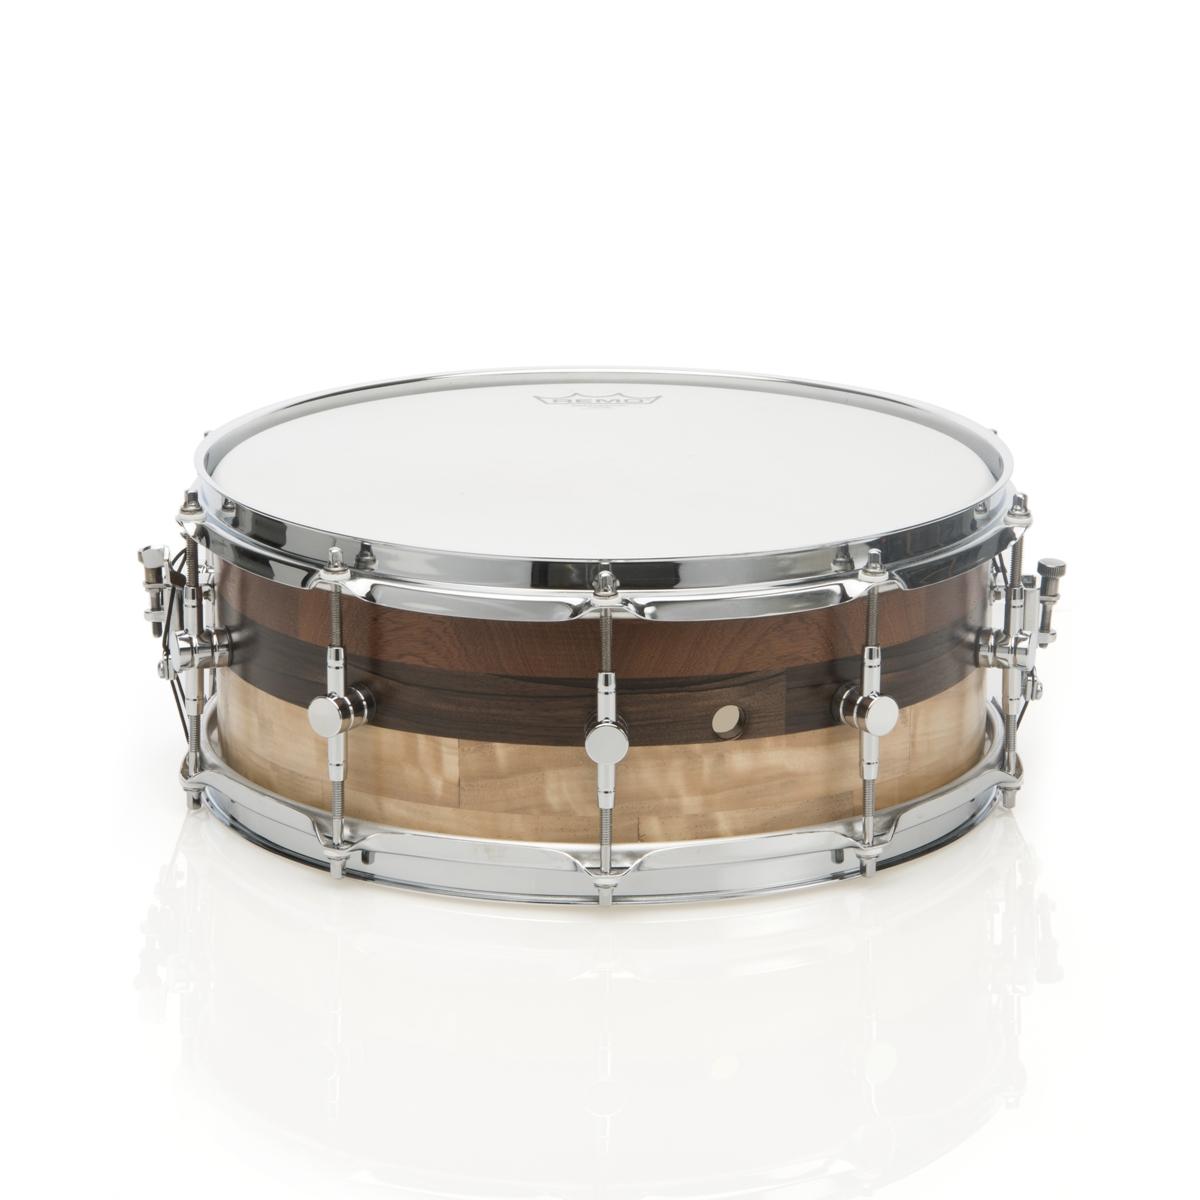 """DrumMa - Rullante 14x5,5"""" - pioppo/ebano/mogano - 550 €"""